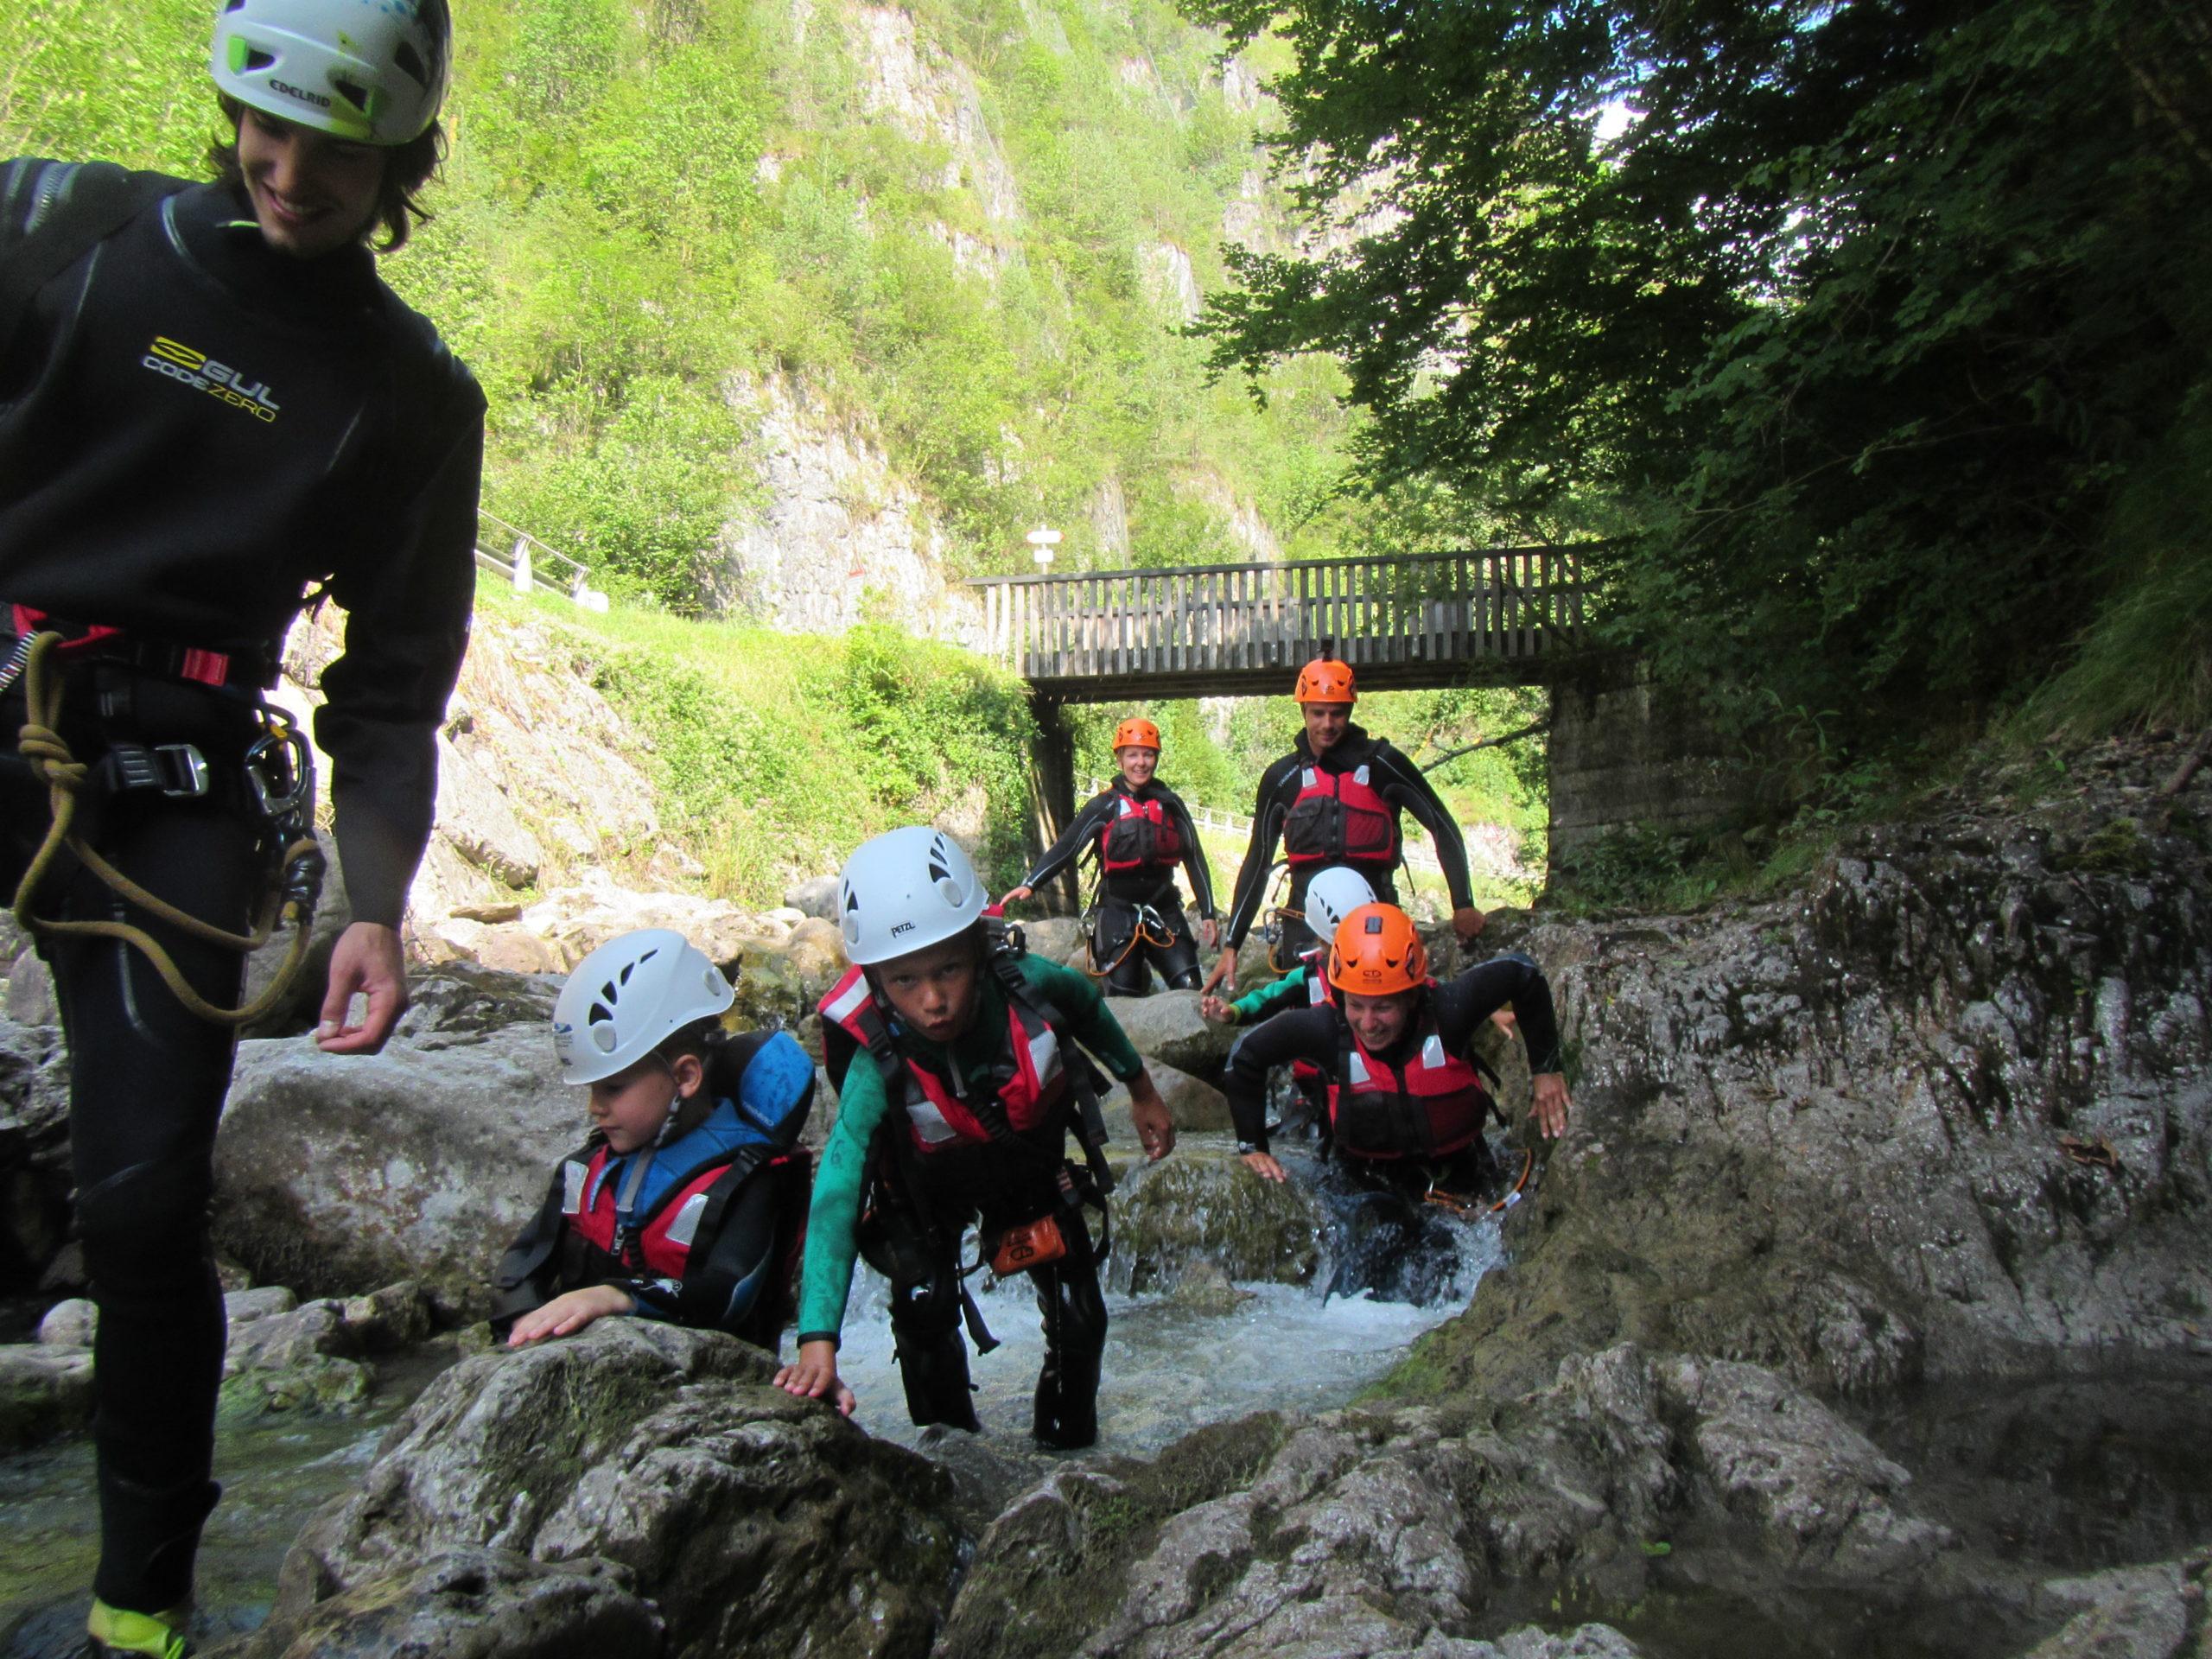 Jungle Canyoning Trentino Percorso facile